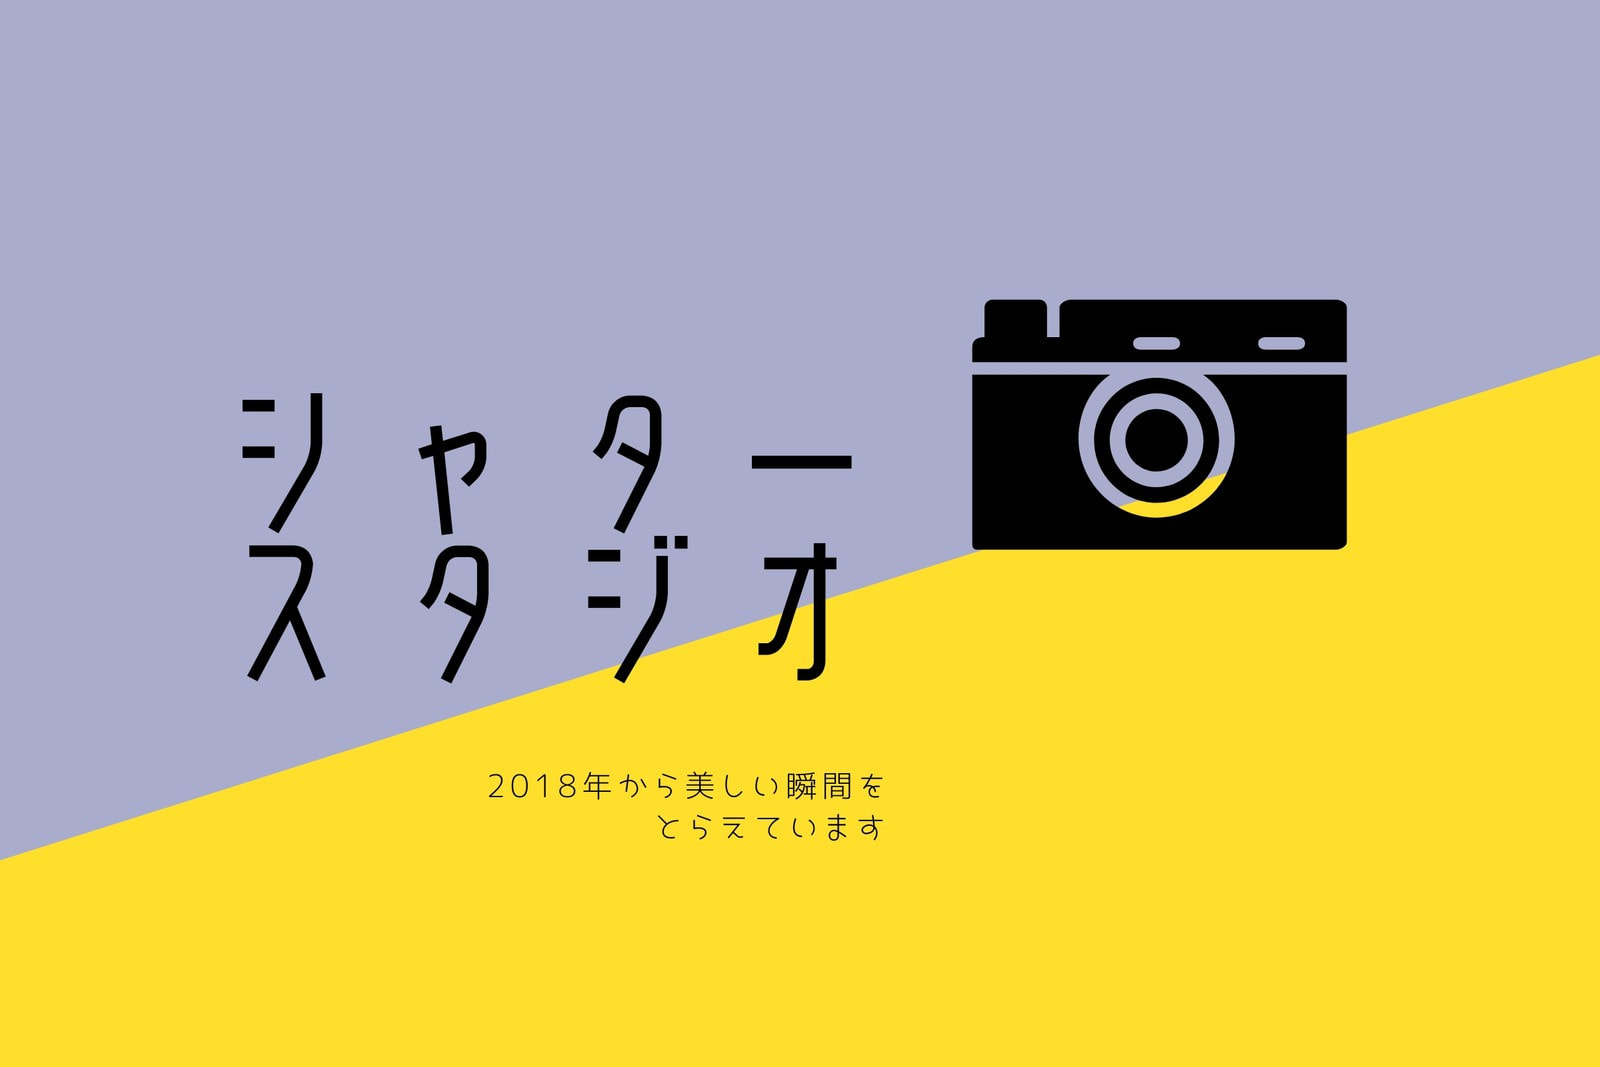 黄色 スタジオ 写真 ギフト券